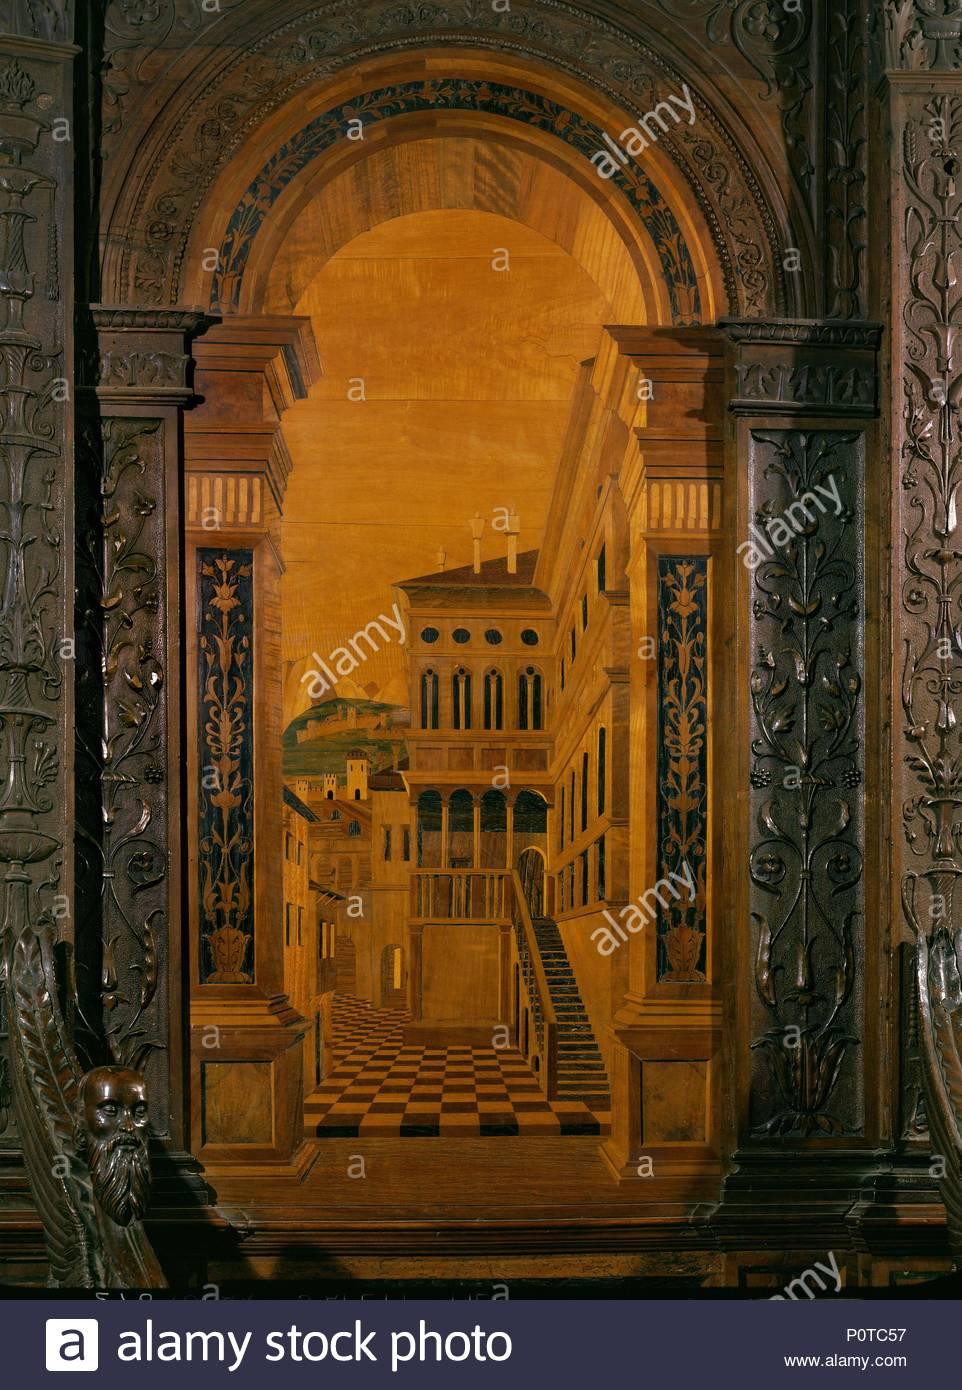 Calles y casas, trompe l'oeil. Incrustaciones de madera de la sillería del coro (1499) . Autor: FRA GIOVANNI DA VERONA. Lugar: Iglesia de Santa Maria in Organo, Verona, Italia. Imagen De Stock